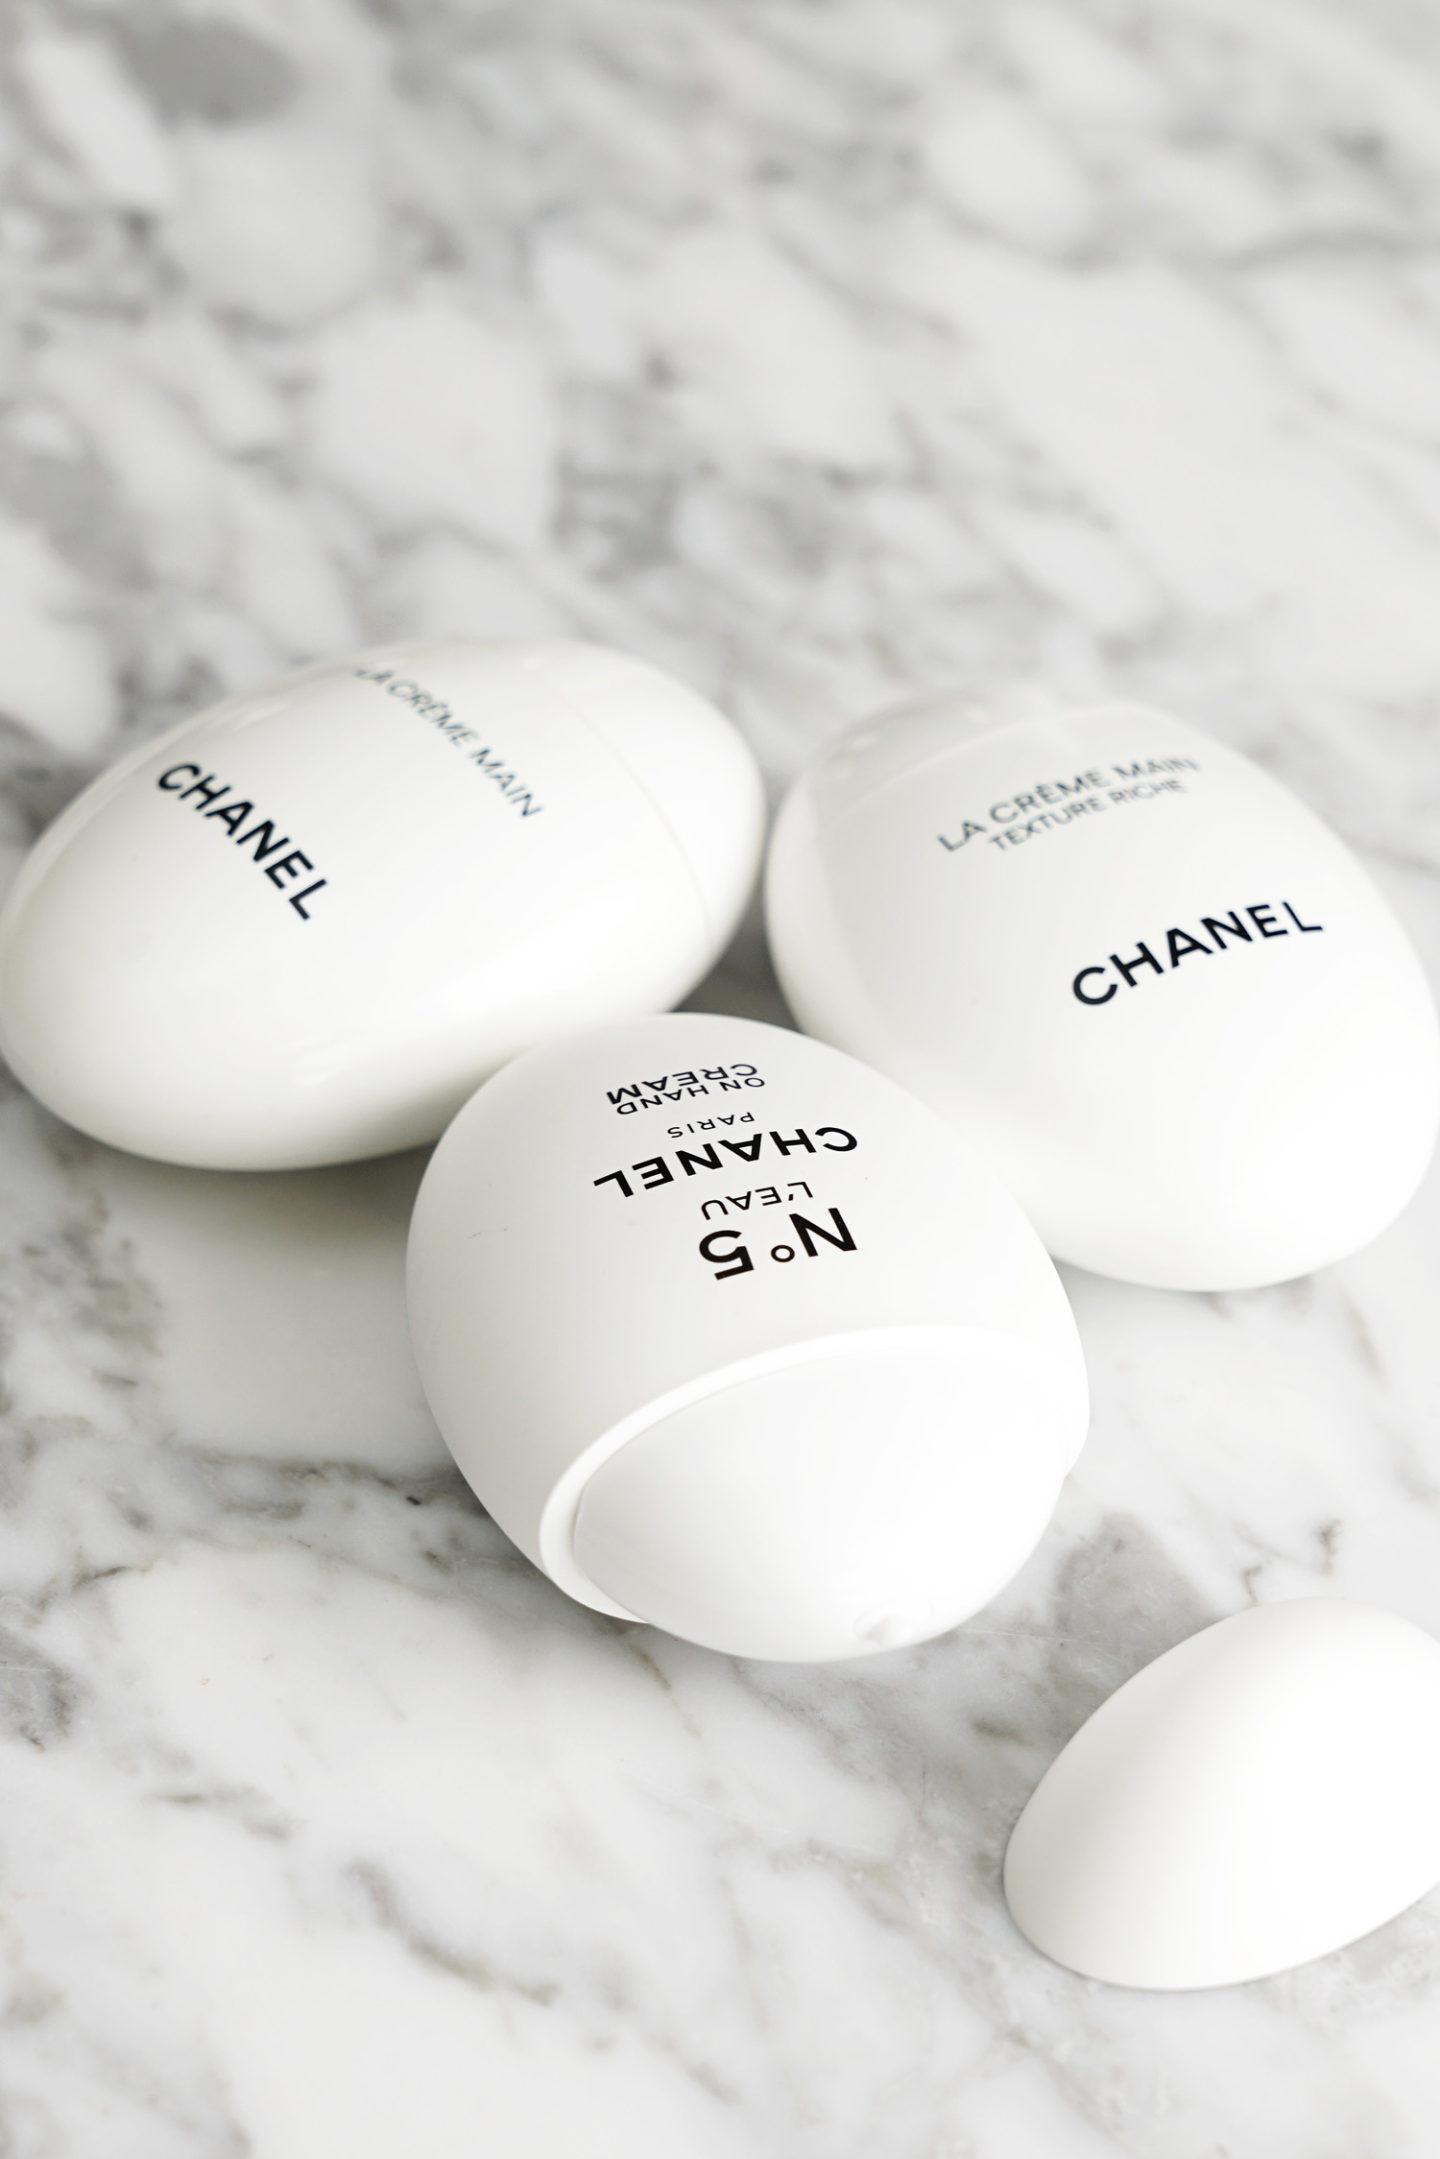 """Examen de la crème pour les mains Chanel """"width ="""" 1080 """"height ="""" 1619 """"srcset ="""" http://thebeautylookbook.com/wp-content/uploads/2018/10/Chanel-Hand-Cream-review-packaging-beautylookbook-1440x2159. jpg 1440w, http://thebeautylookbook.com/wp-content/uploads/2018/10/Chanel-Hand-Cream-review-packaging-beautylookbook-800x1199.jpg 800w, http://thebeautylookbook.com/wp-content/ uploads / 2018/10 / Chanel-Crème-main-revue-packaging-beautylookbook-67x100.jpg 67w, http://thebeautylookbook.com/wp-content/uploads/2018/10/Chanel-Hand-Cream-review-packaging -beautylookbook-1080x1619.jpg 1080w, http://thebeautylookbook.com/wp-content/uploads/2018/10/Chanel-Hand-Cream-review-packaging-beautylookbook.jpg 1500w """"tailles ="""" (largeur maximale: 1080px ) 100vw, 1080px """"data-jpibfi-post-excerpt ="""" Chanel Crème pour les mains Révision des trois formules La Creme Main, le nouveau Texture Riche et le parfumé No 5 L'Eau. """"Data-jpibfi-post-url ="""" http: //thebeautylookbook.com/2018/10/chanel-hand-cream-review-la-creme-main-texture-riche-and-no-5-leau.html """"data-jpibfi- post-title = """"Critique de la crème pour les mains Chanel: La Crème principale, Texture Riche et No 5 L'Eau"""" data-jpibfi-src = """"http://thebeautylookbook.com/wp-content/uploads/2018/10/Chanel- Hand-Cream-review-packaging-beautylookbook-1440x2159.jpg """"/></p> <p style="""